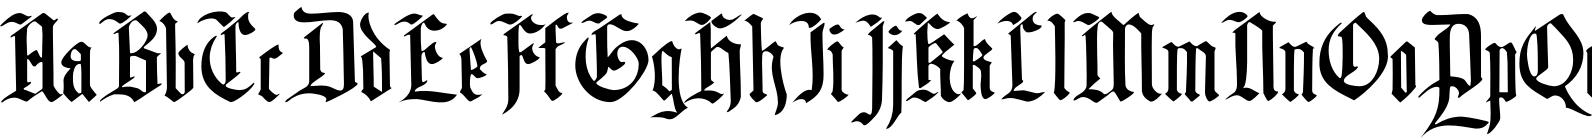 Blackminster